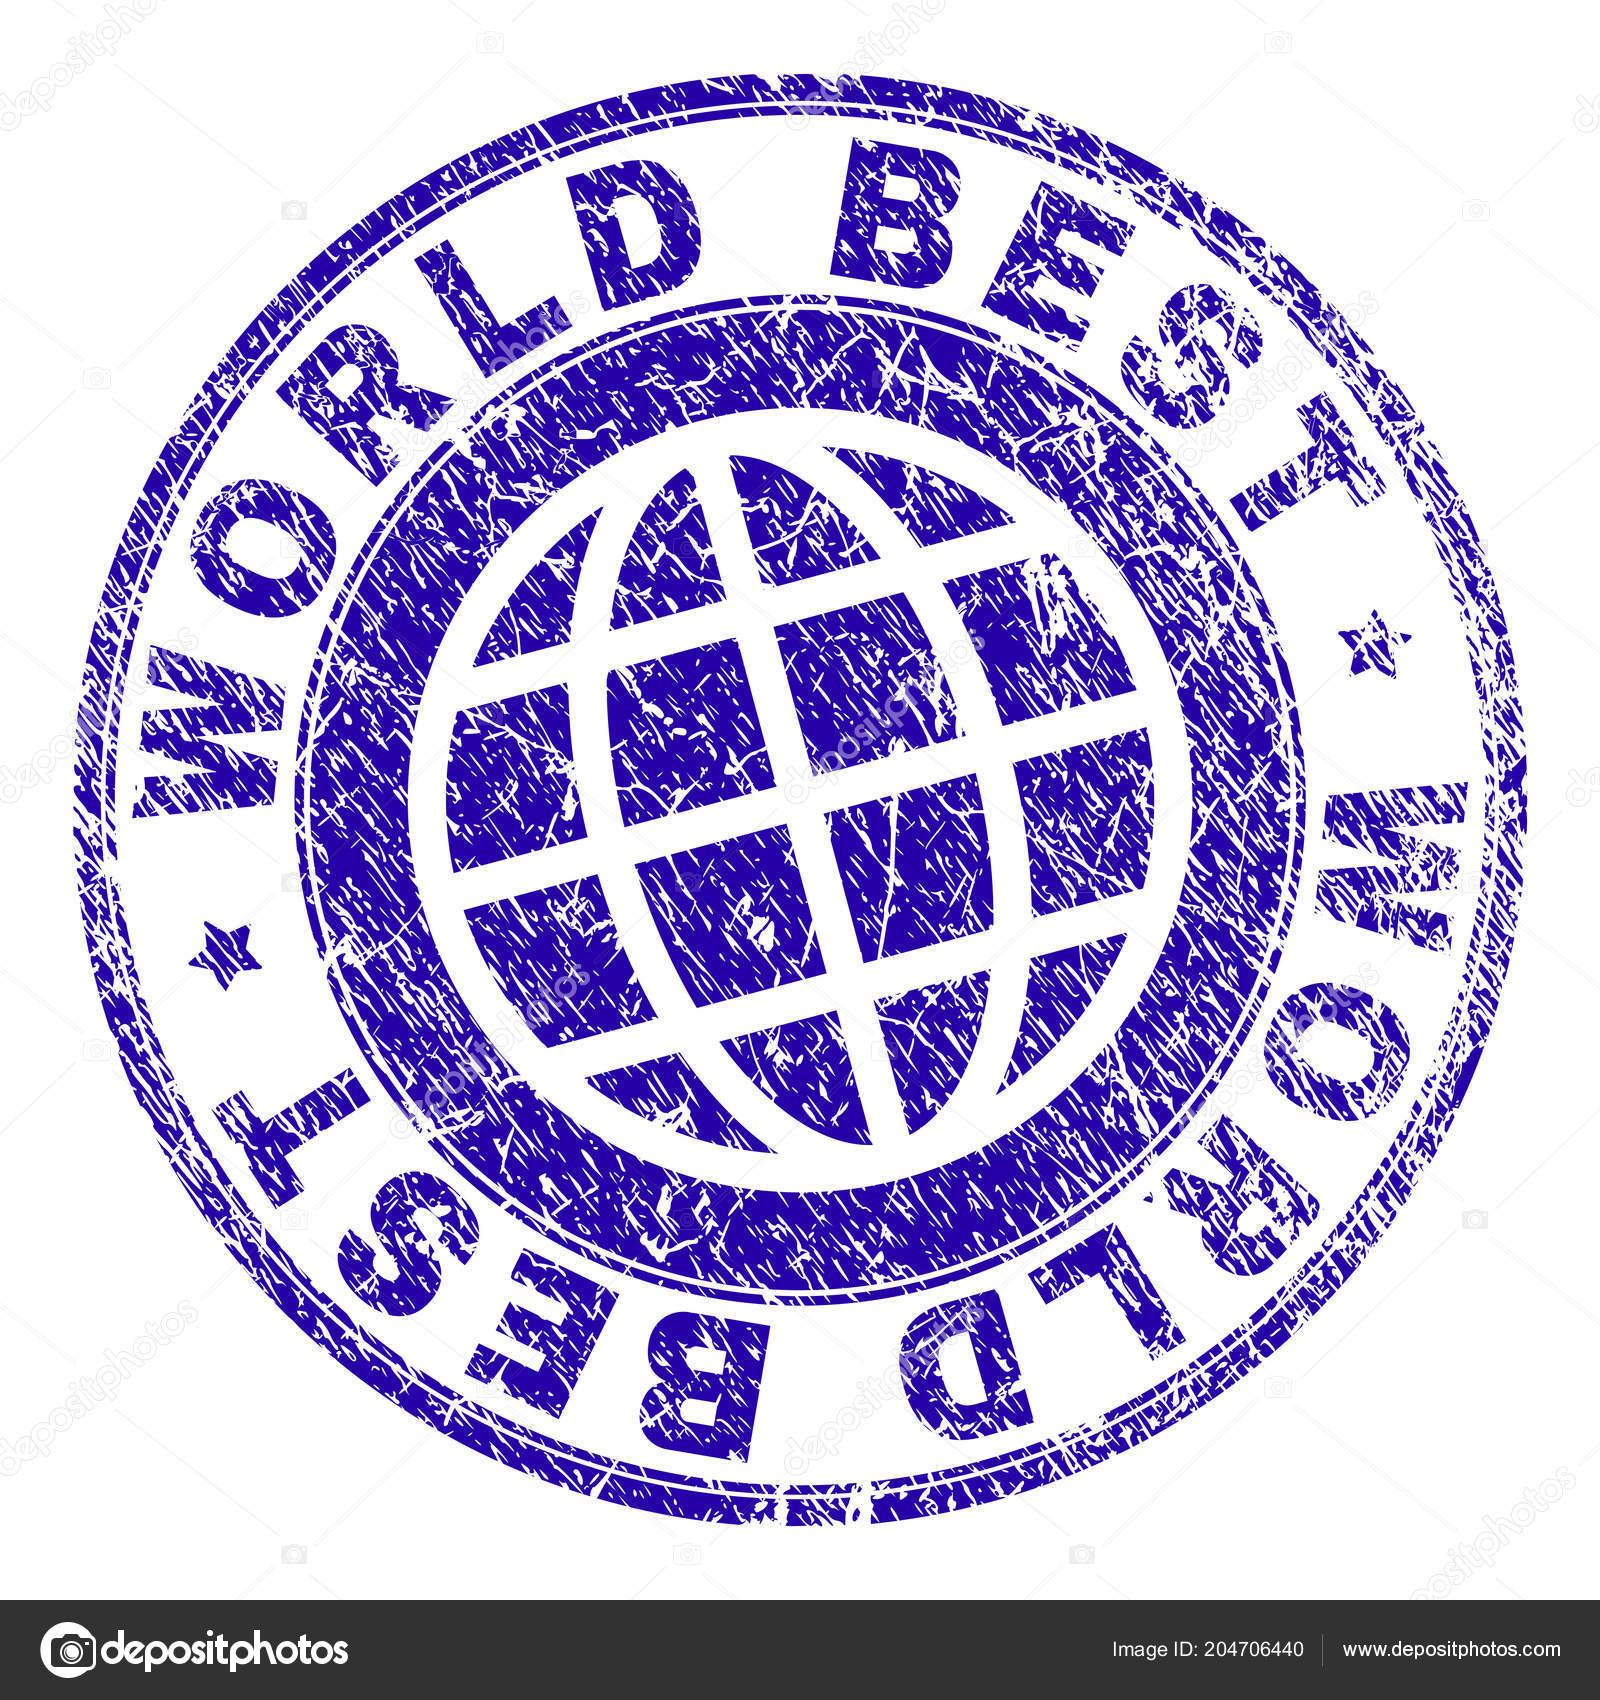 grunge textured world best stamp seal stock vector